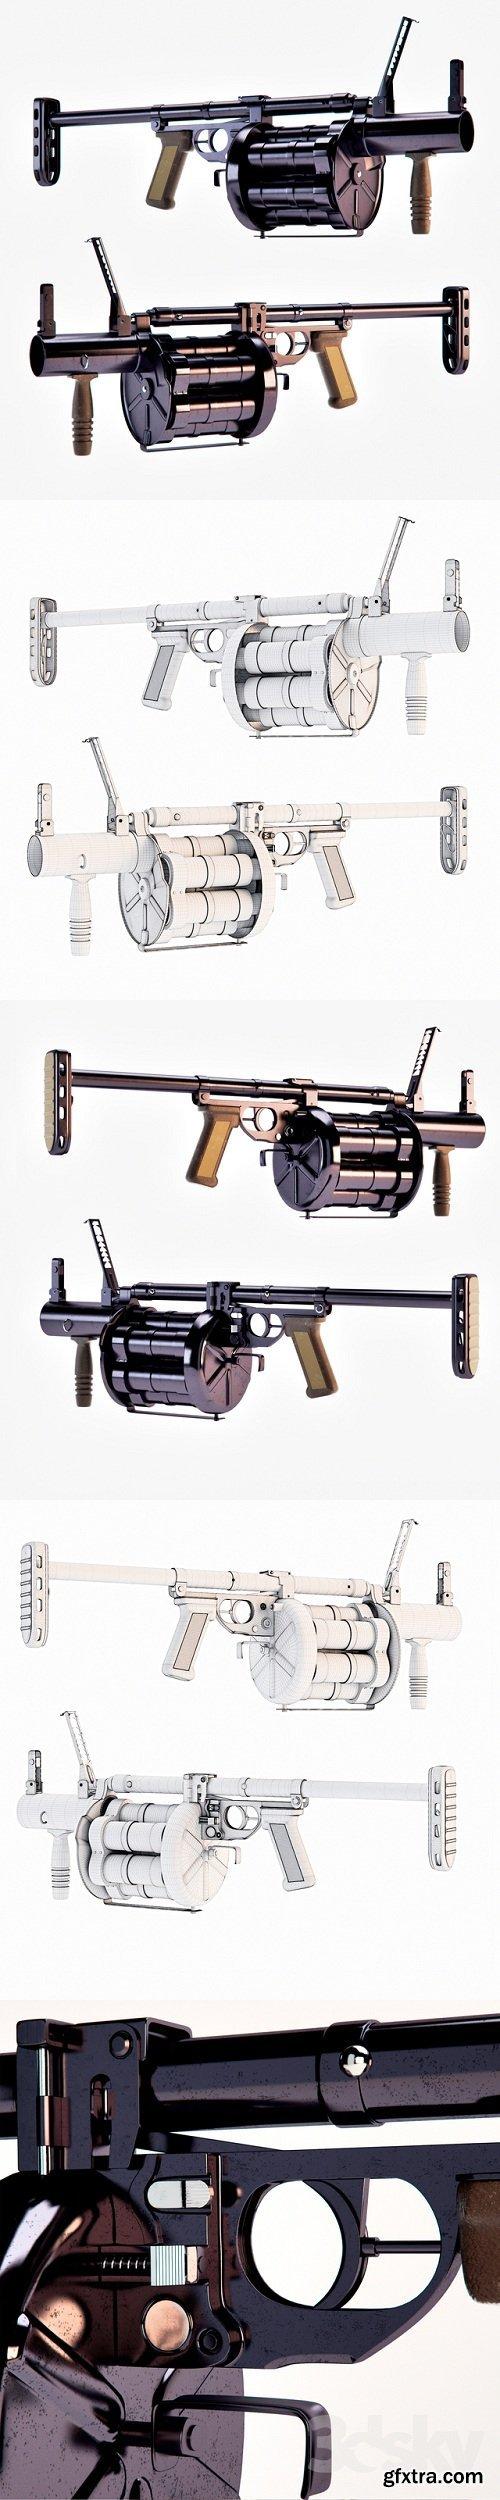 RG-6 Grenade Launcher 3d Model